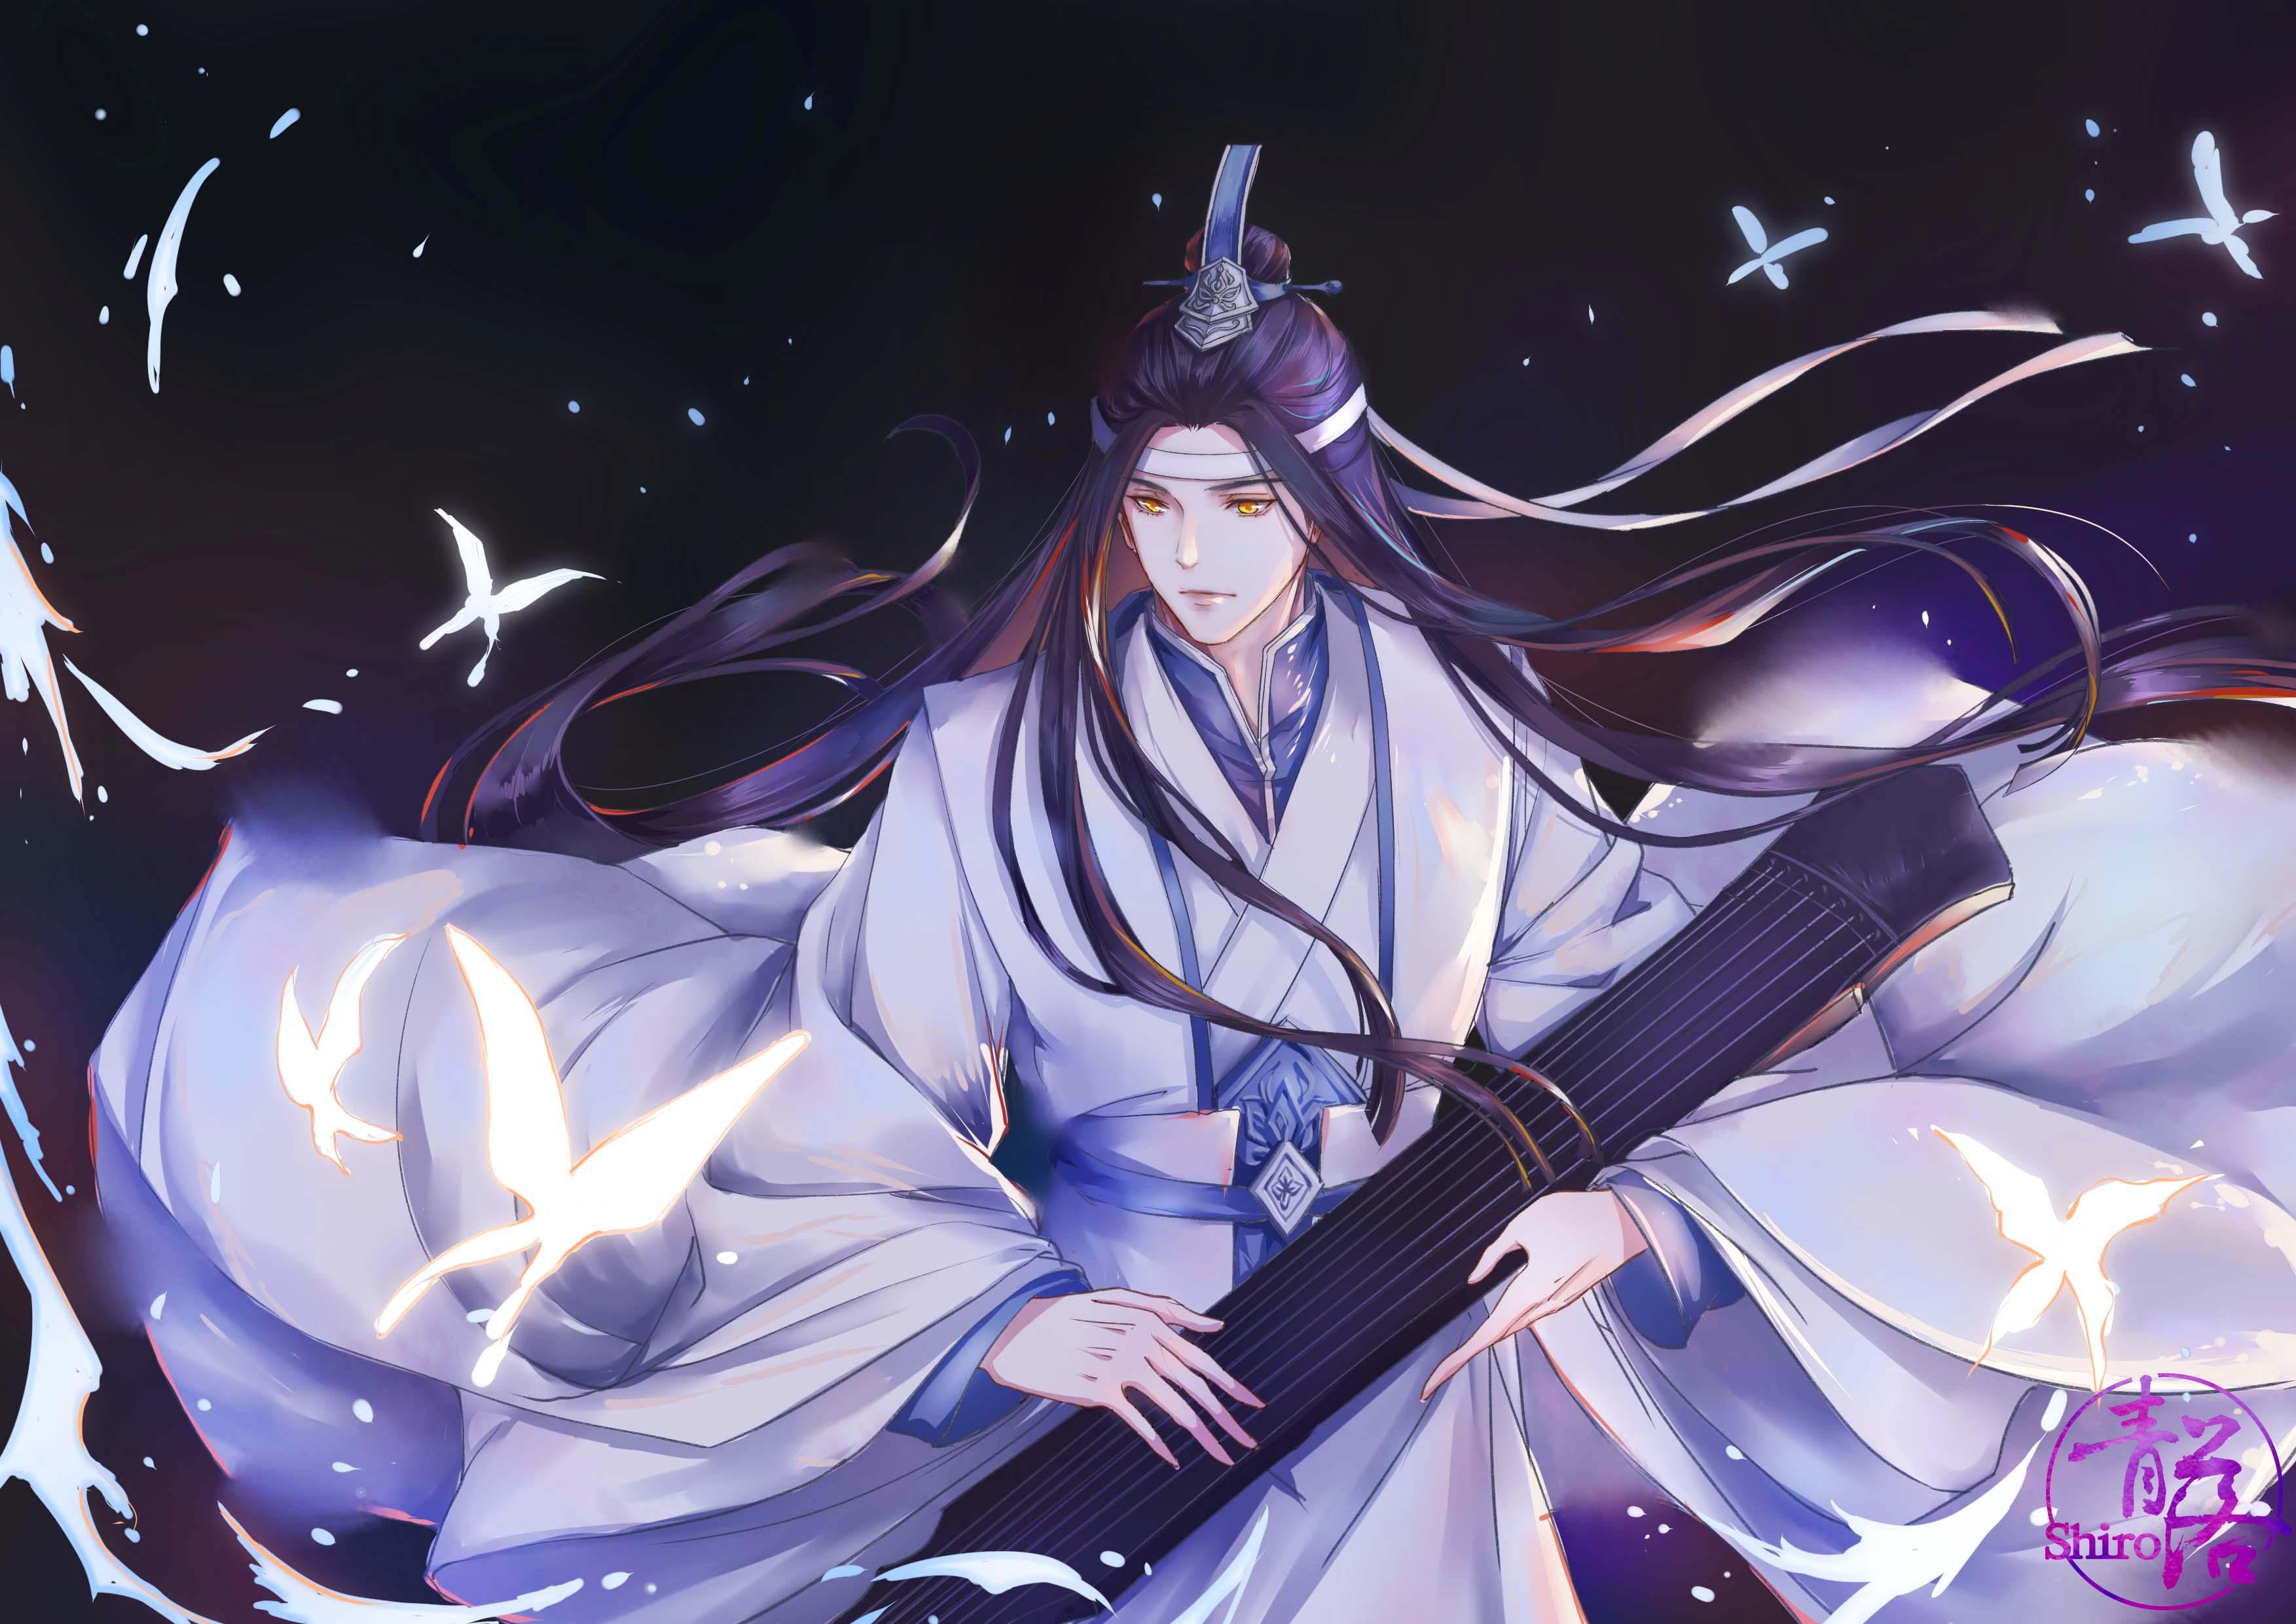 Mo Dao Zu Shi Wallpapers Top Free Mo Dao Zu Shi Backgrounds